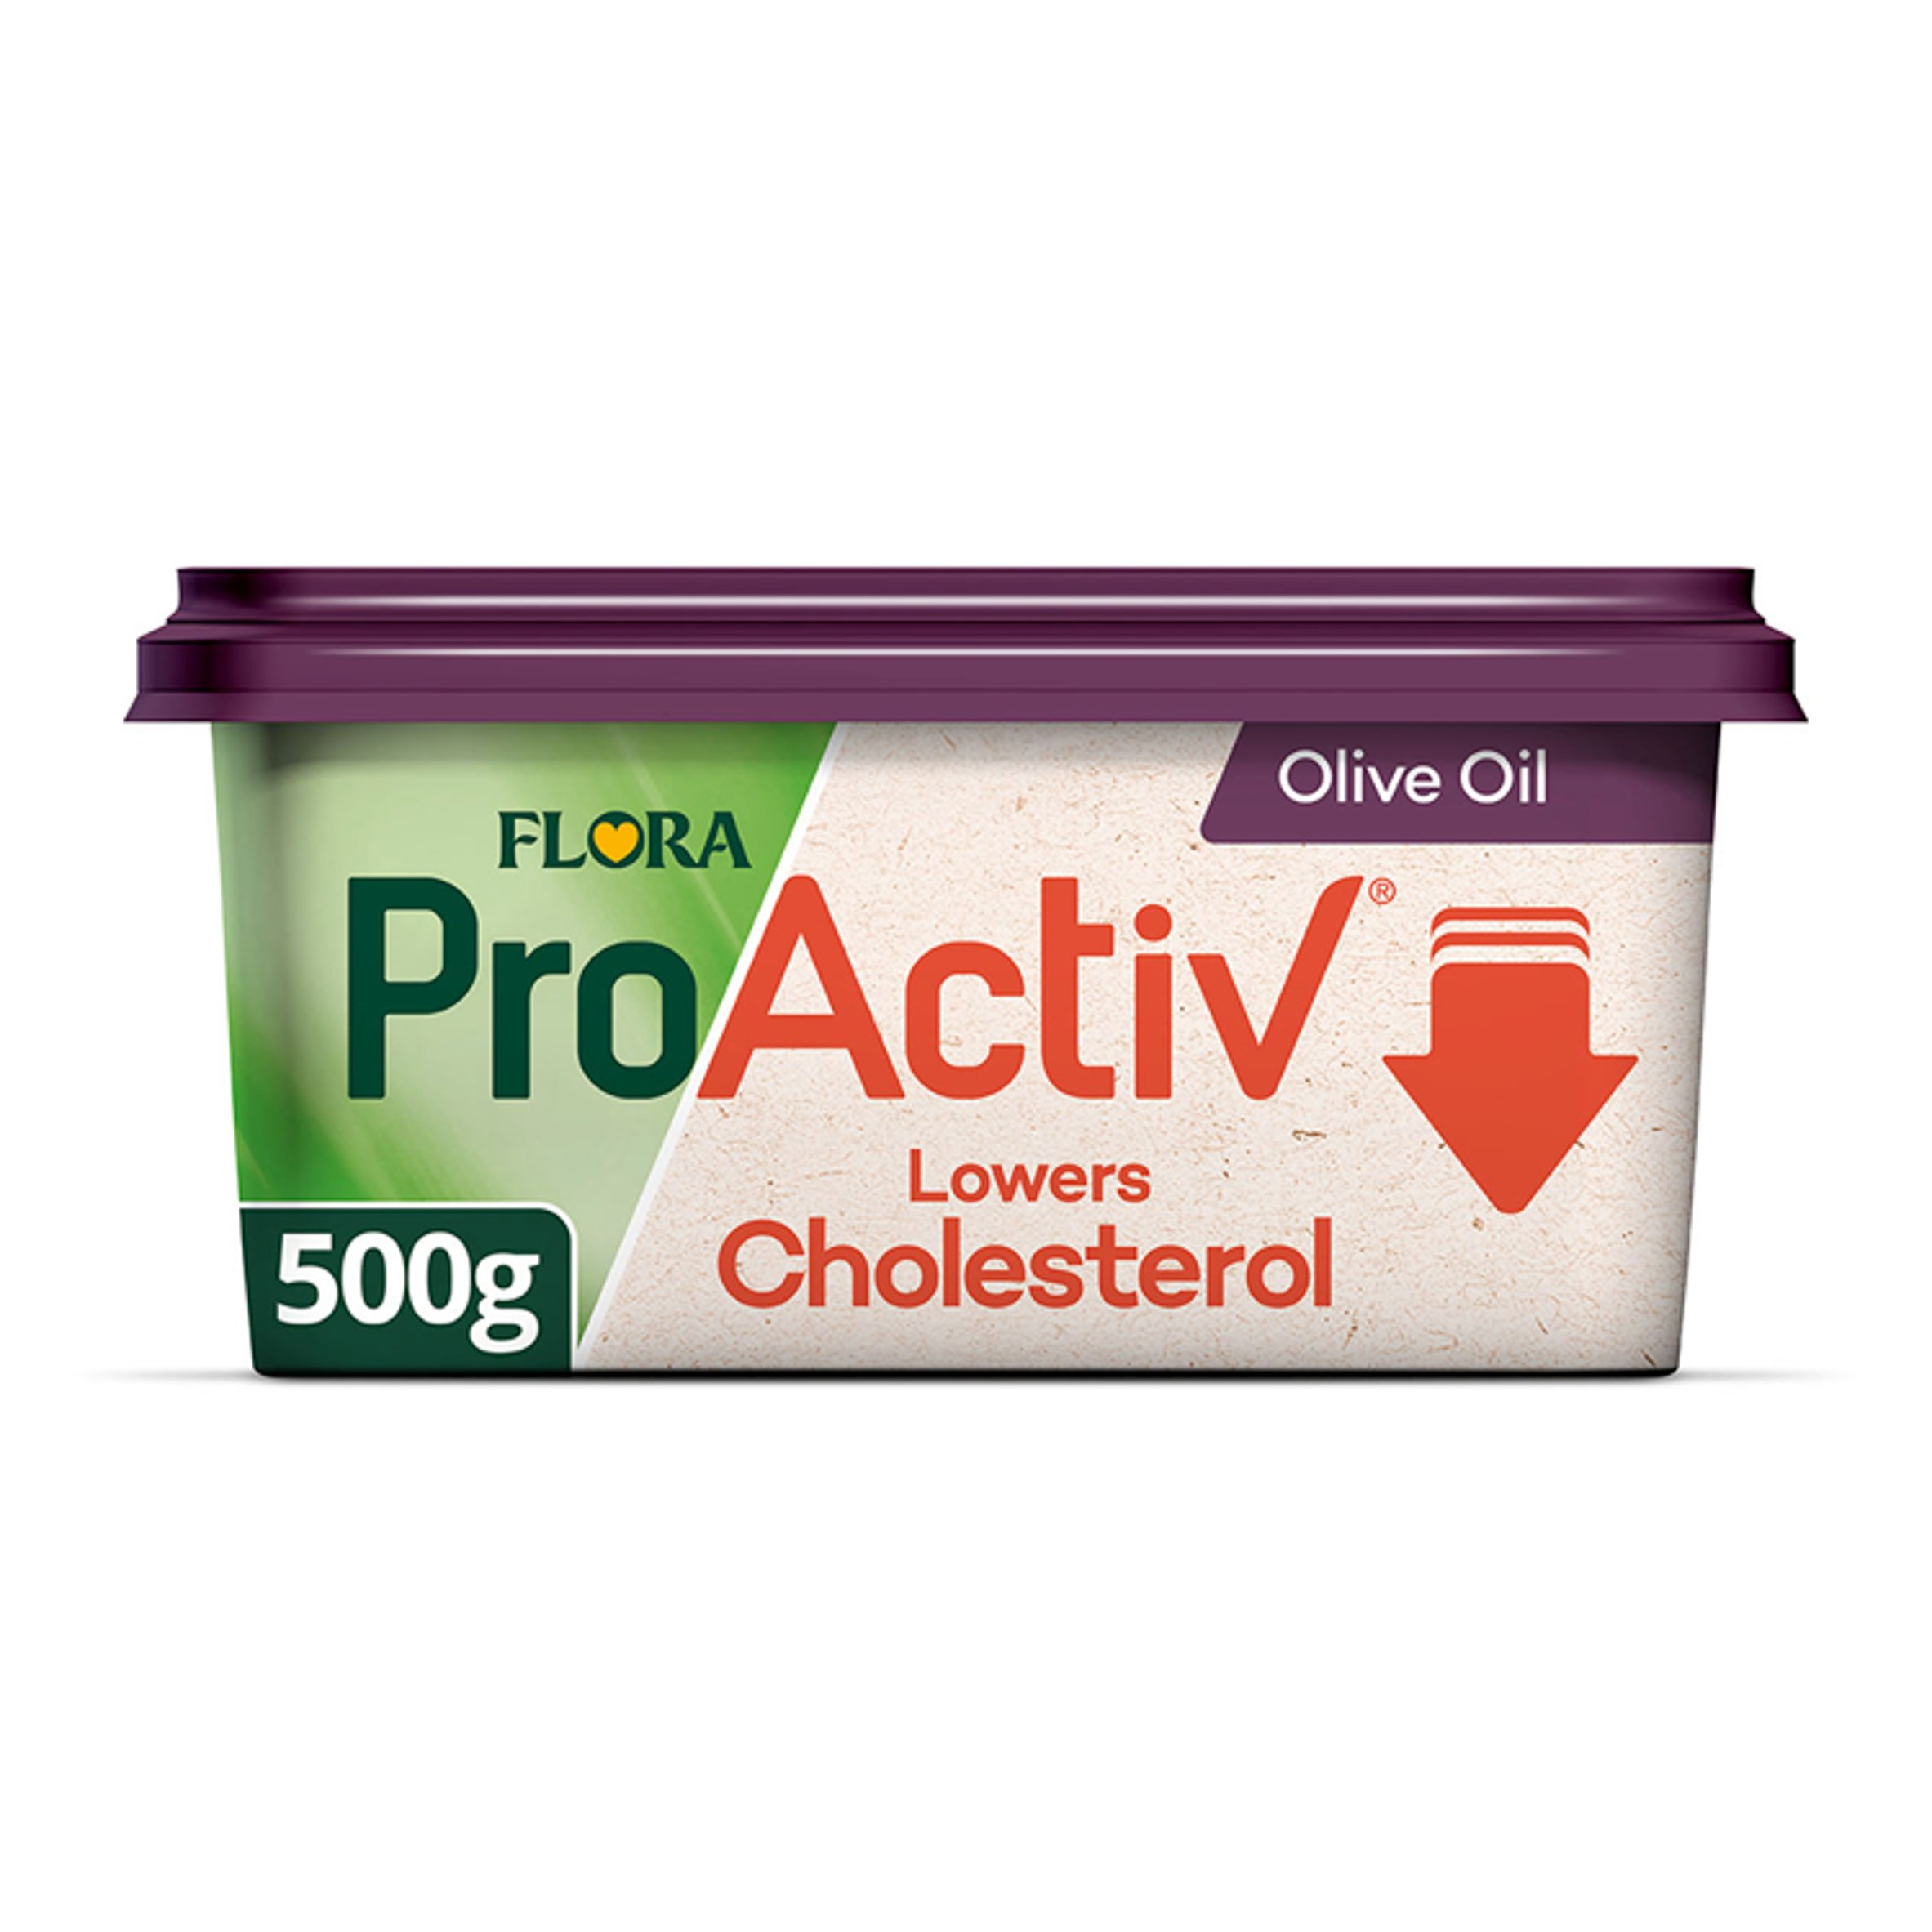 Flora Pro Activ Olive Oil Spread 500G